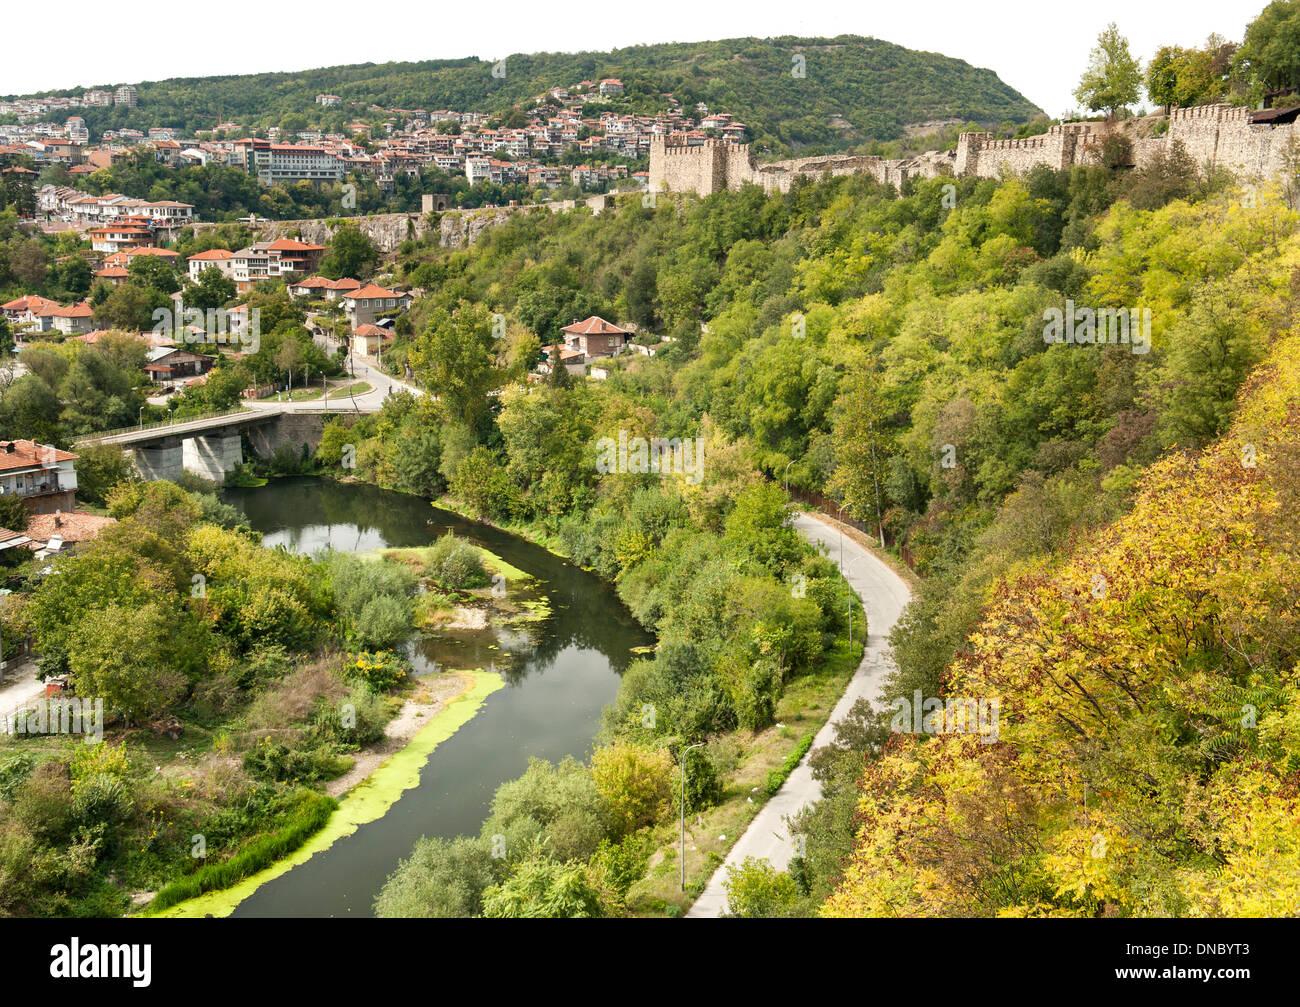 The Tsarevets fortress and Yantra river in Veliko Tarnovo in Bulgaria. Stock Photo